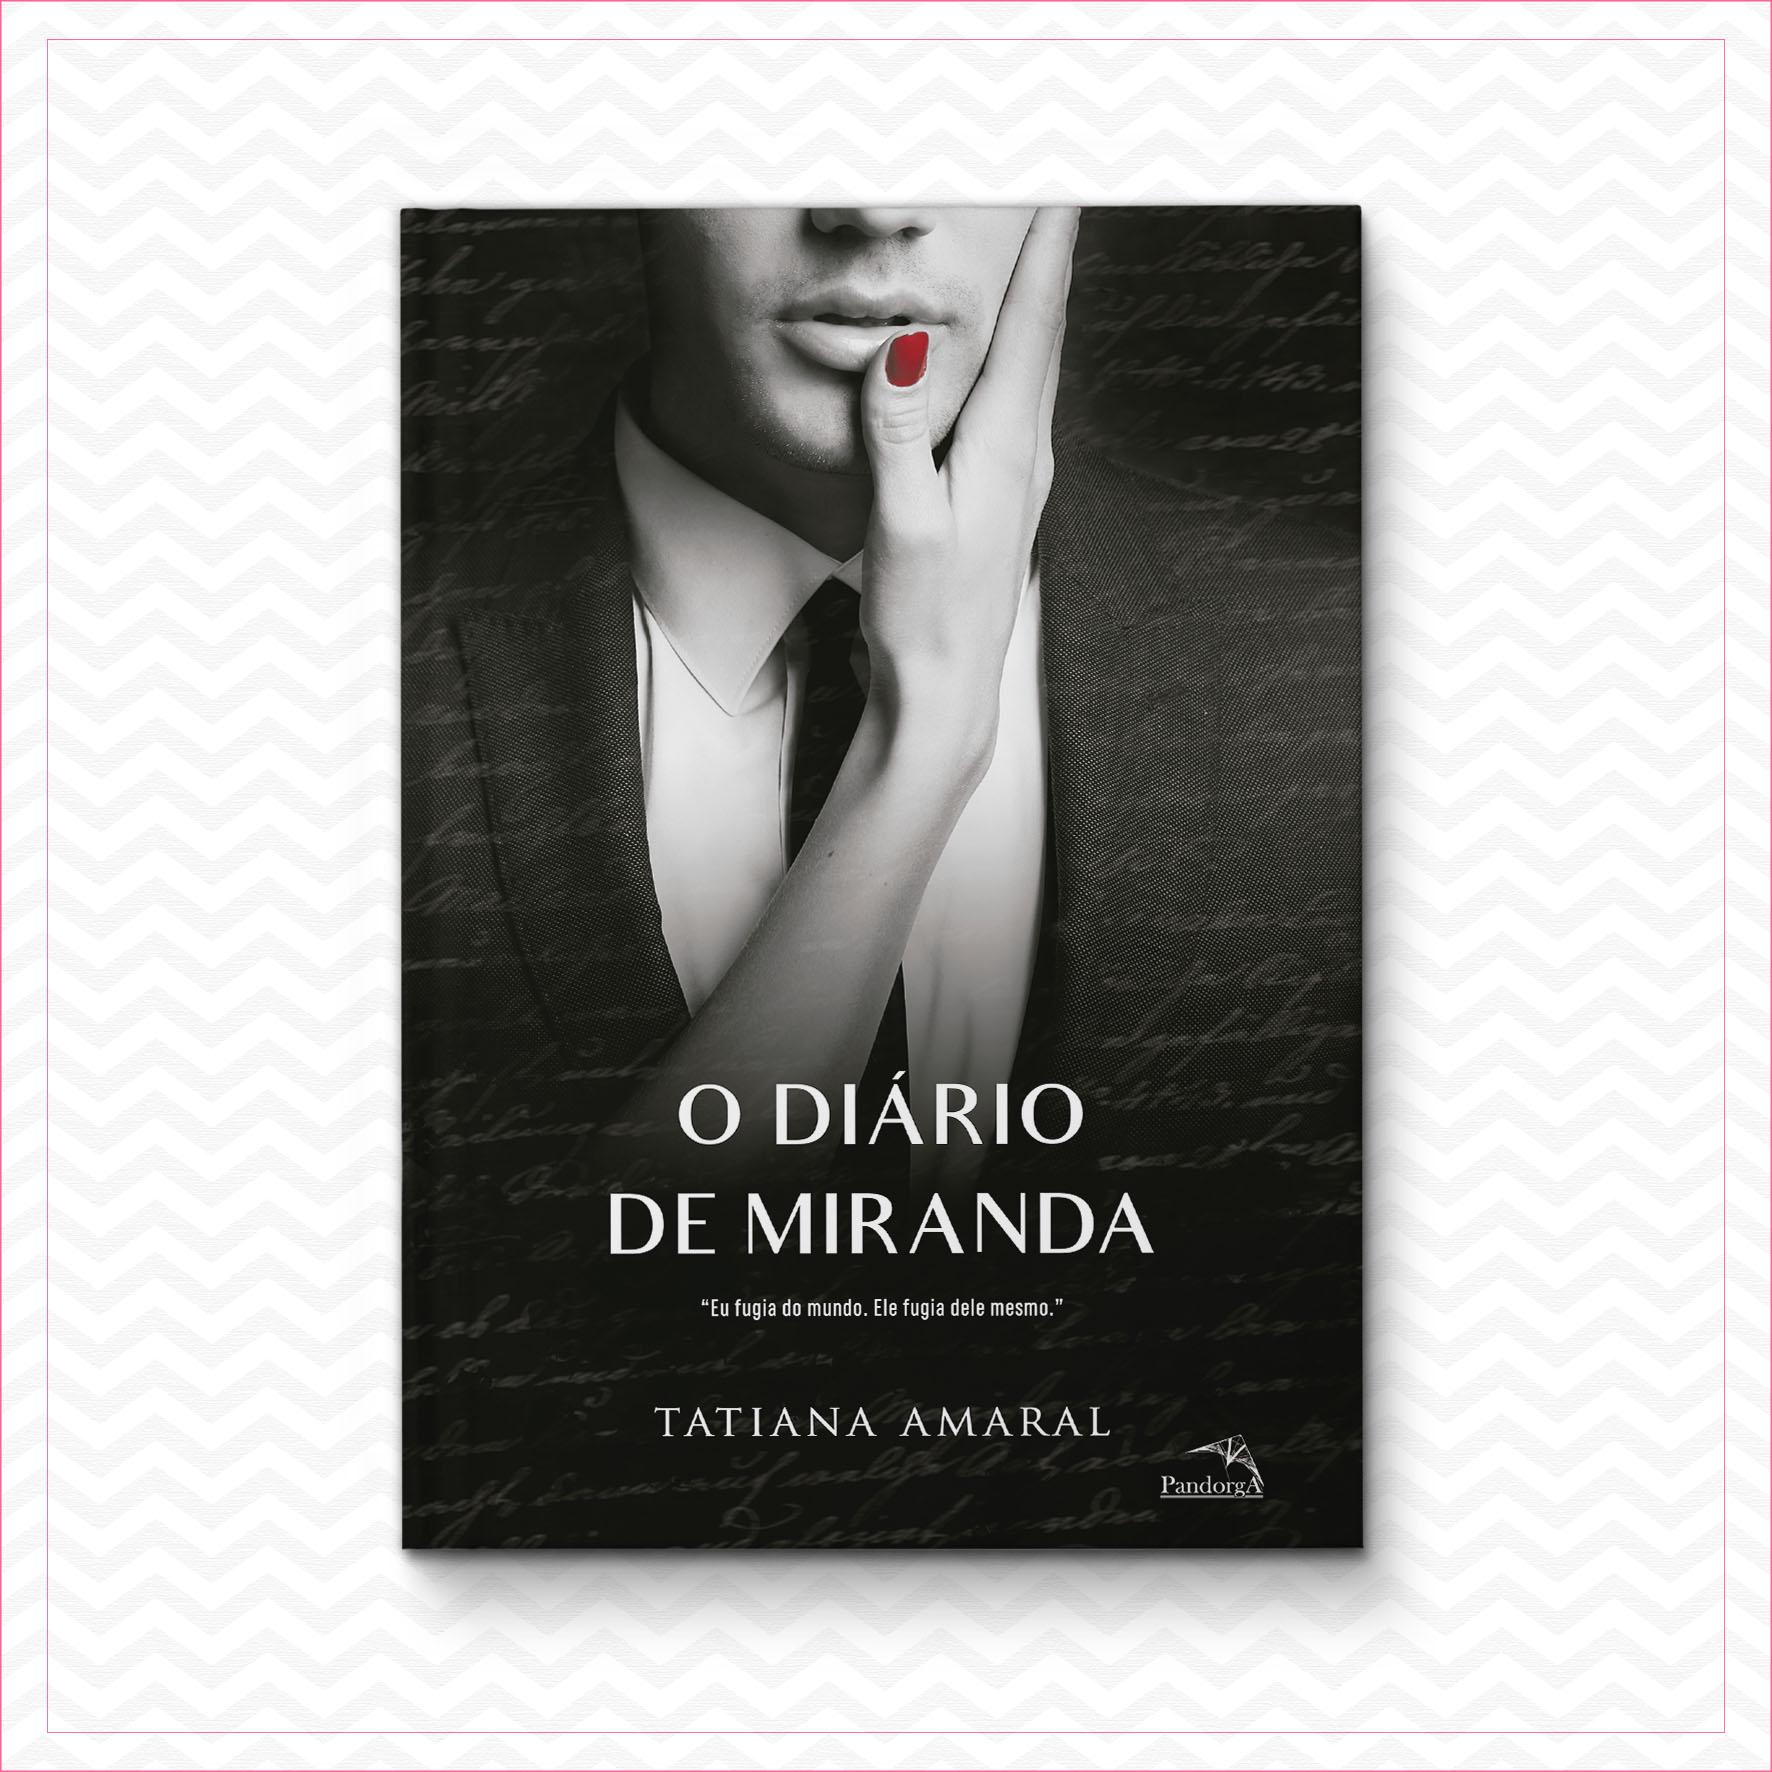 O diário de Miranda 2 – Tatiana Amaral